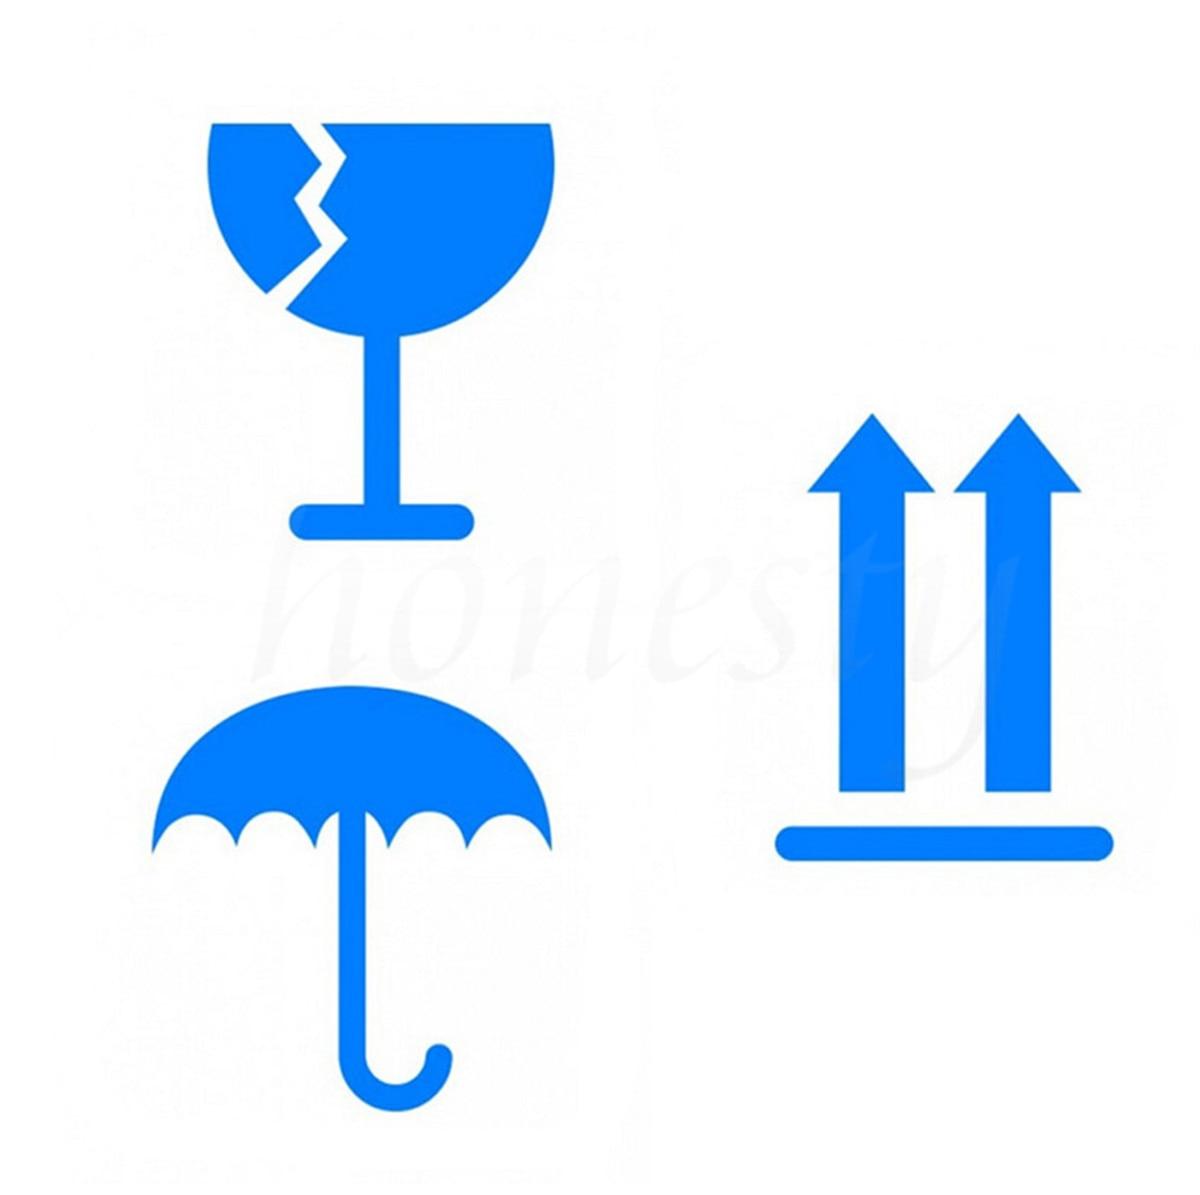 Предупреждение Логотип Знак Стикер Окна Дома Стены Стеклянные Двери Стикер Декор Подарок Автомобиль Этикеты Винила Синий